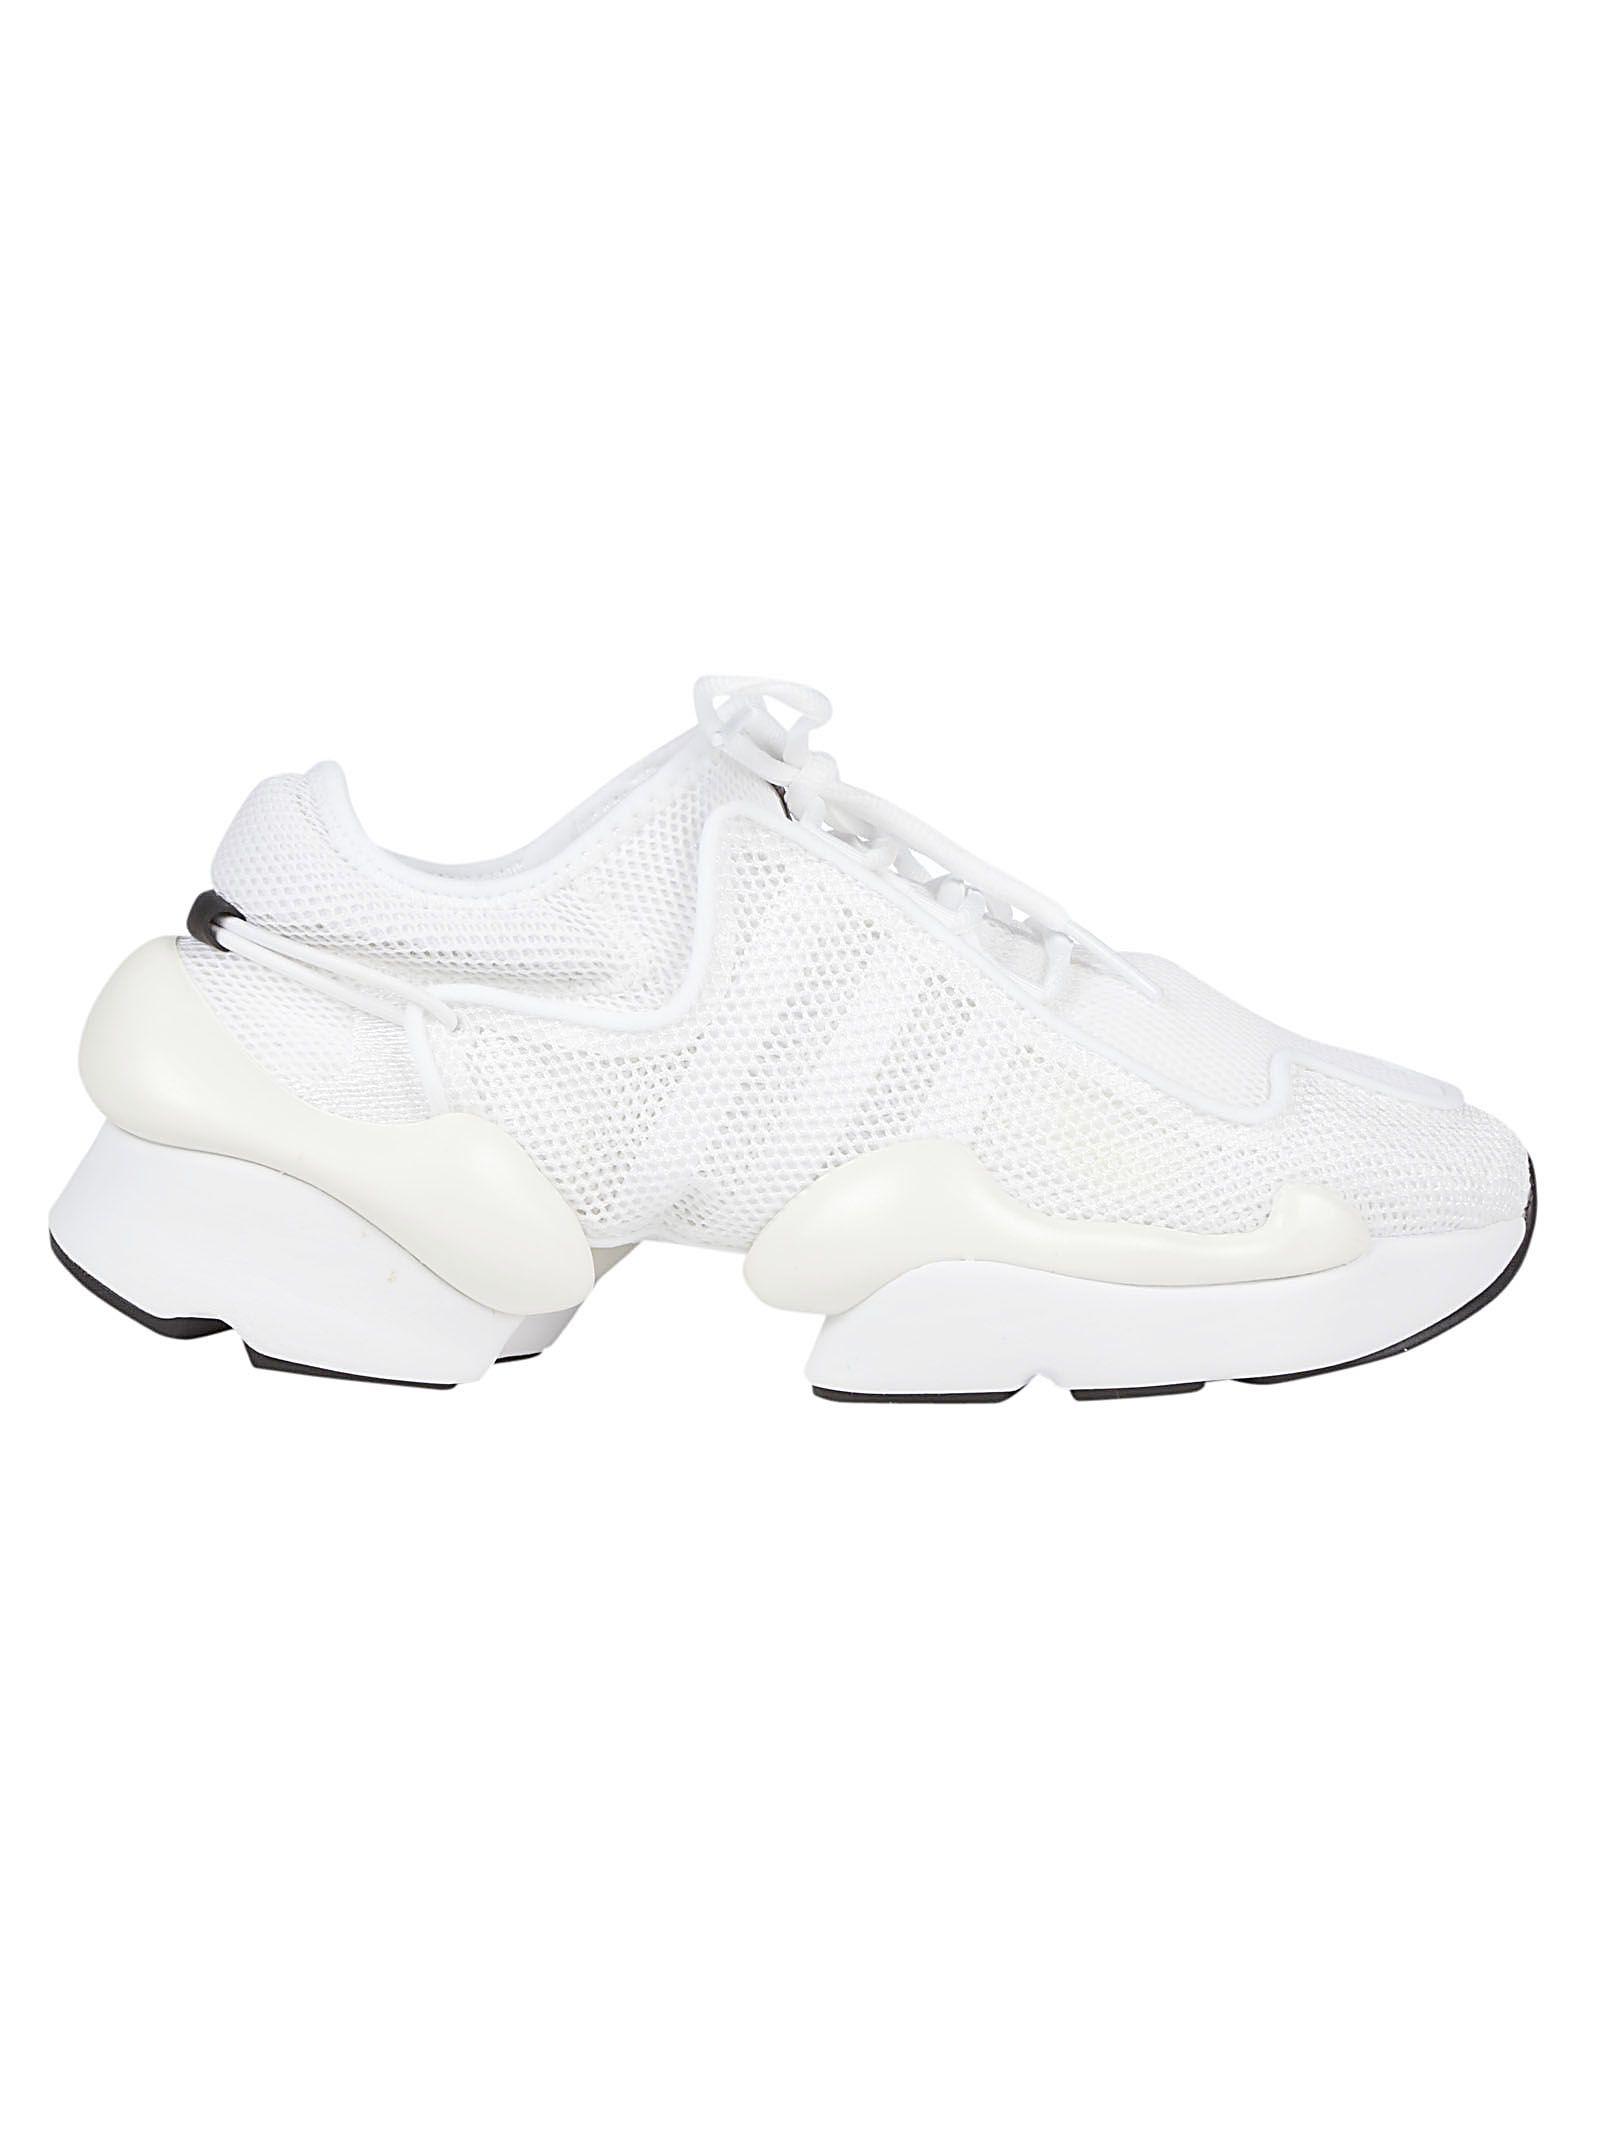 7f227a69816db Y-3 Y-3 Kaiwa Pod Sneaker - White  core black - 10826157